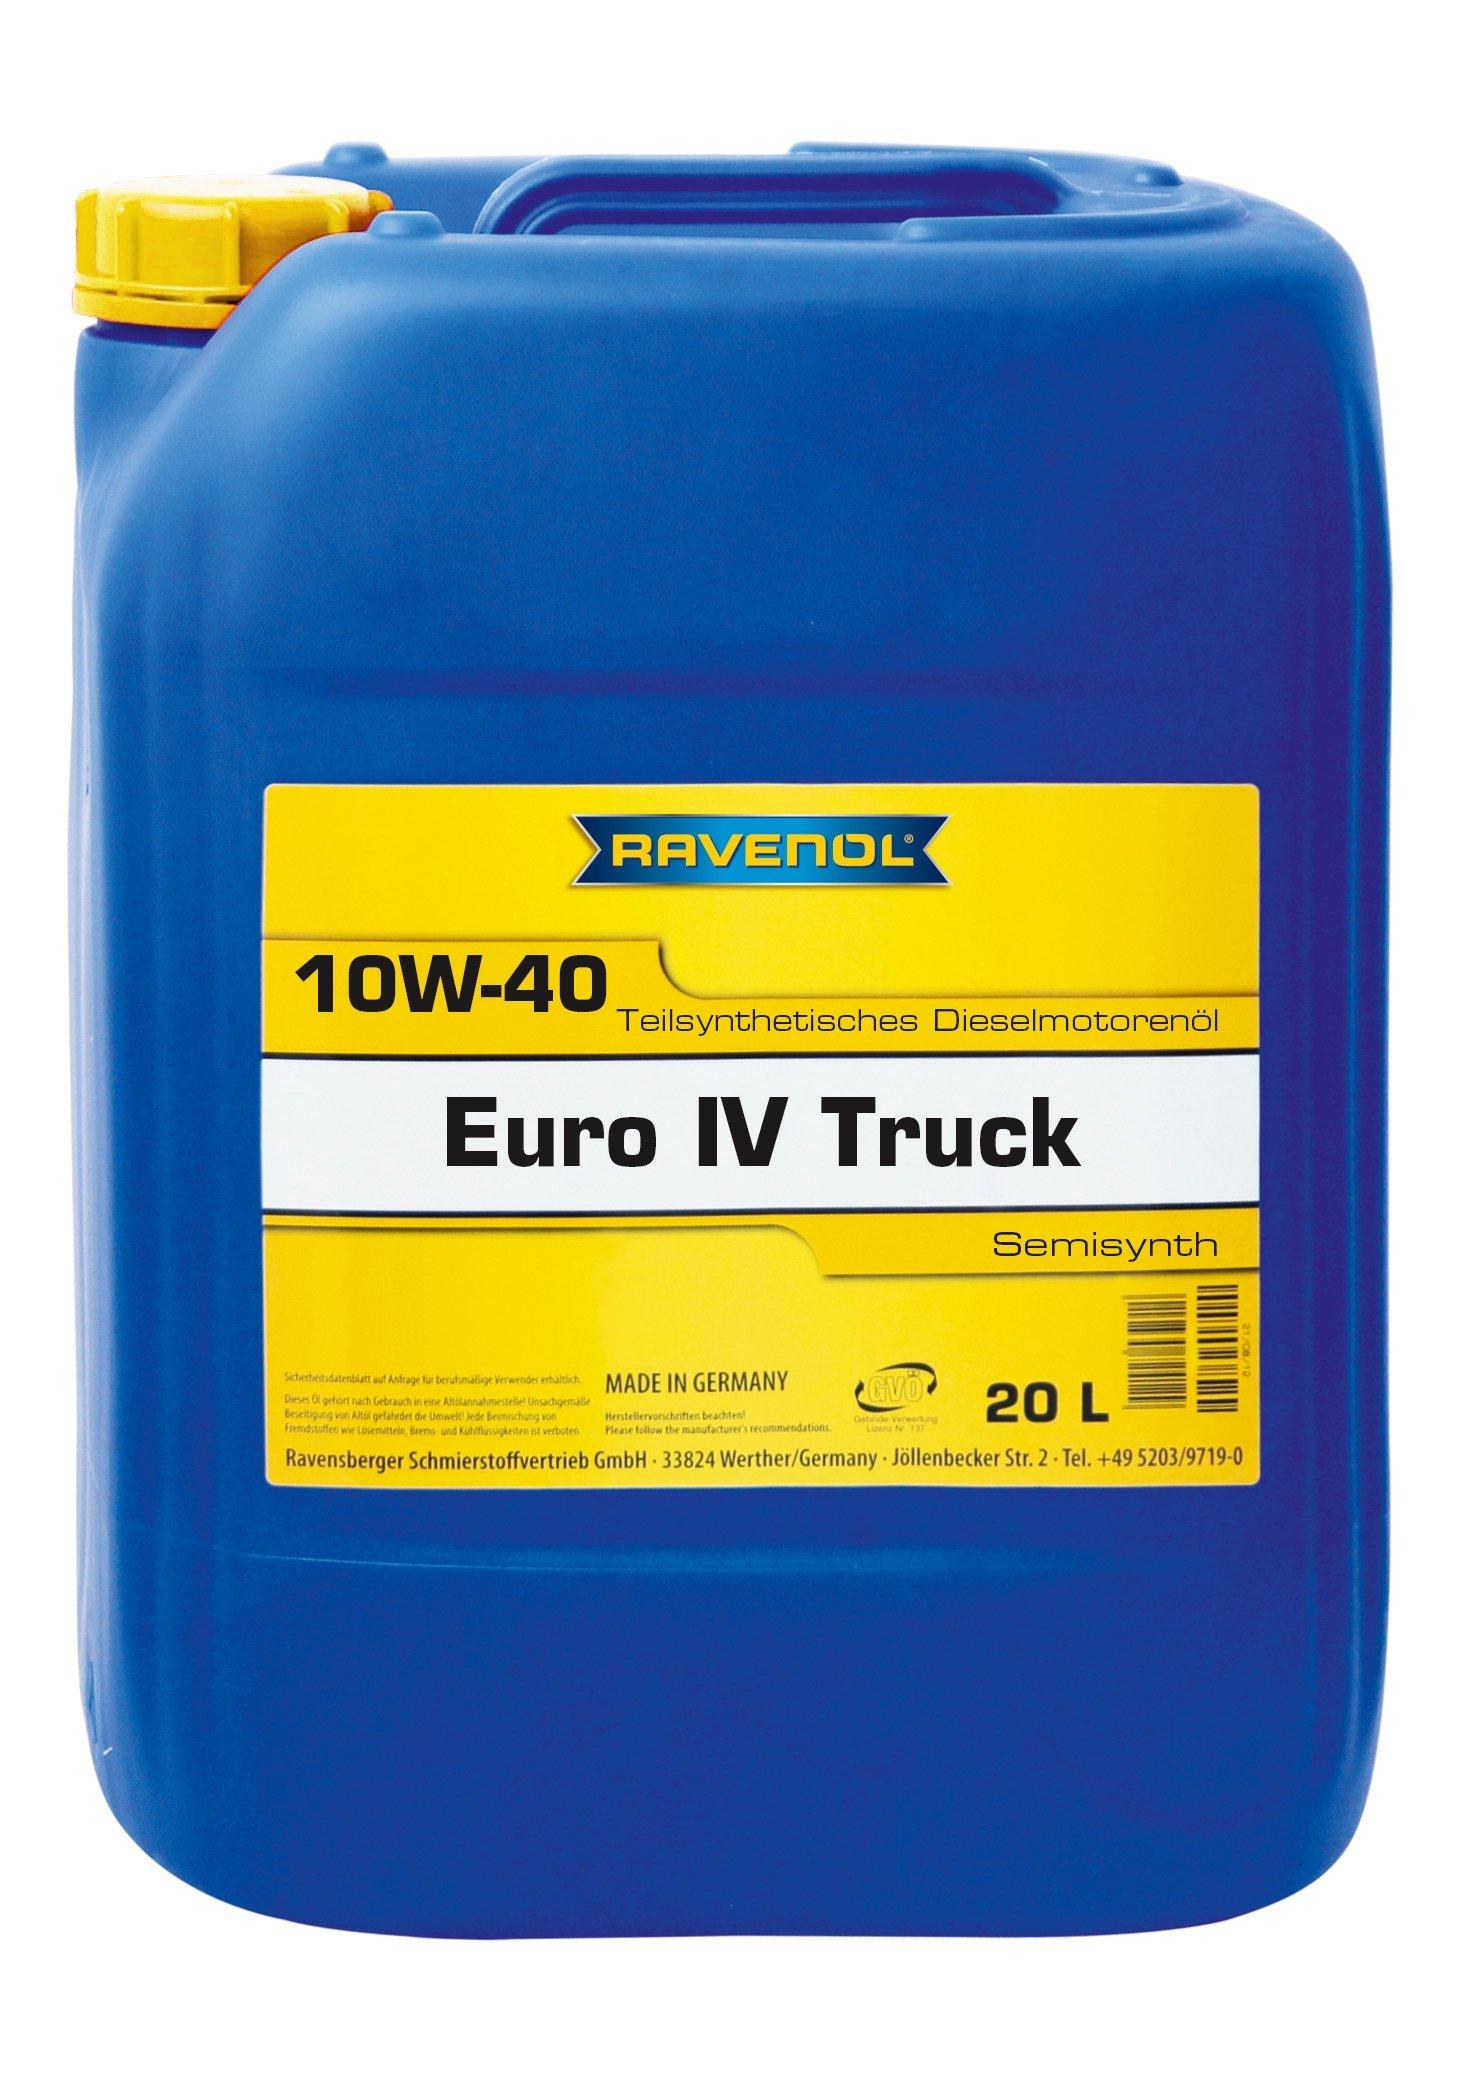 ULEI MOTOR RAVENOL 1122107 EURO IV Truck E6, E7 10W40 20L